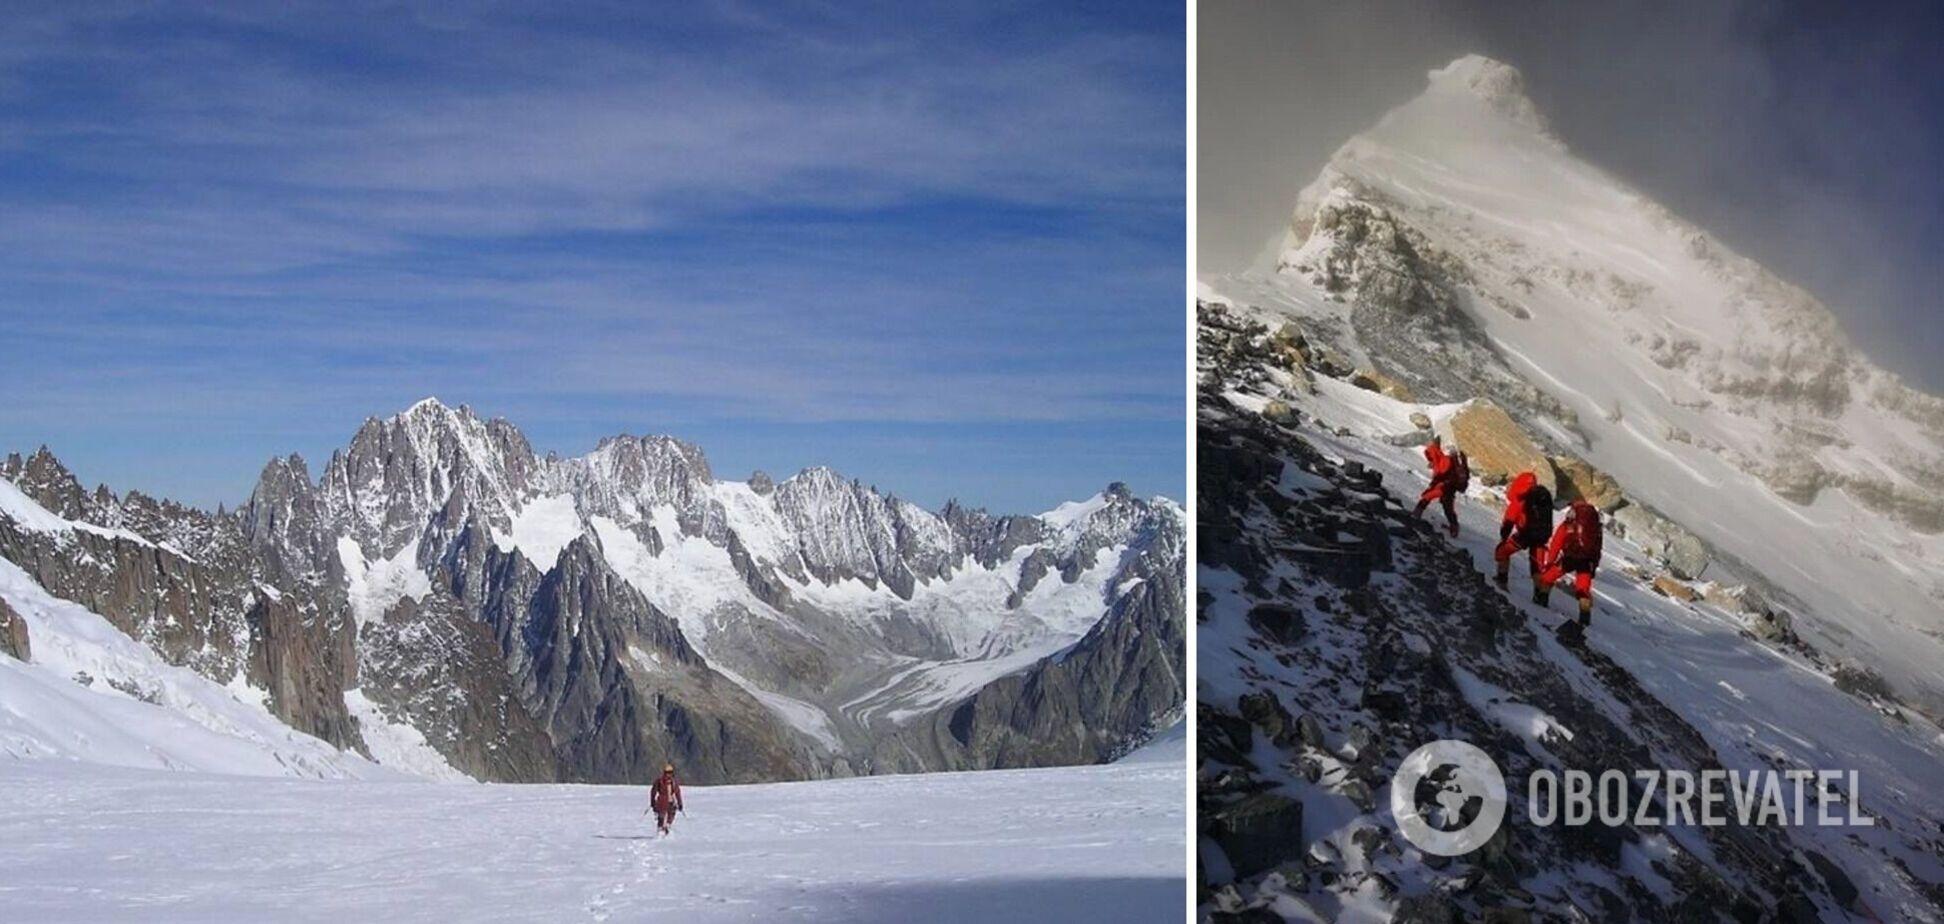 У горах Індії через сильний снігопад загинули 11 осіб, проводиться рятувальна операція